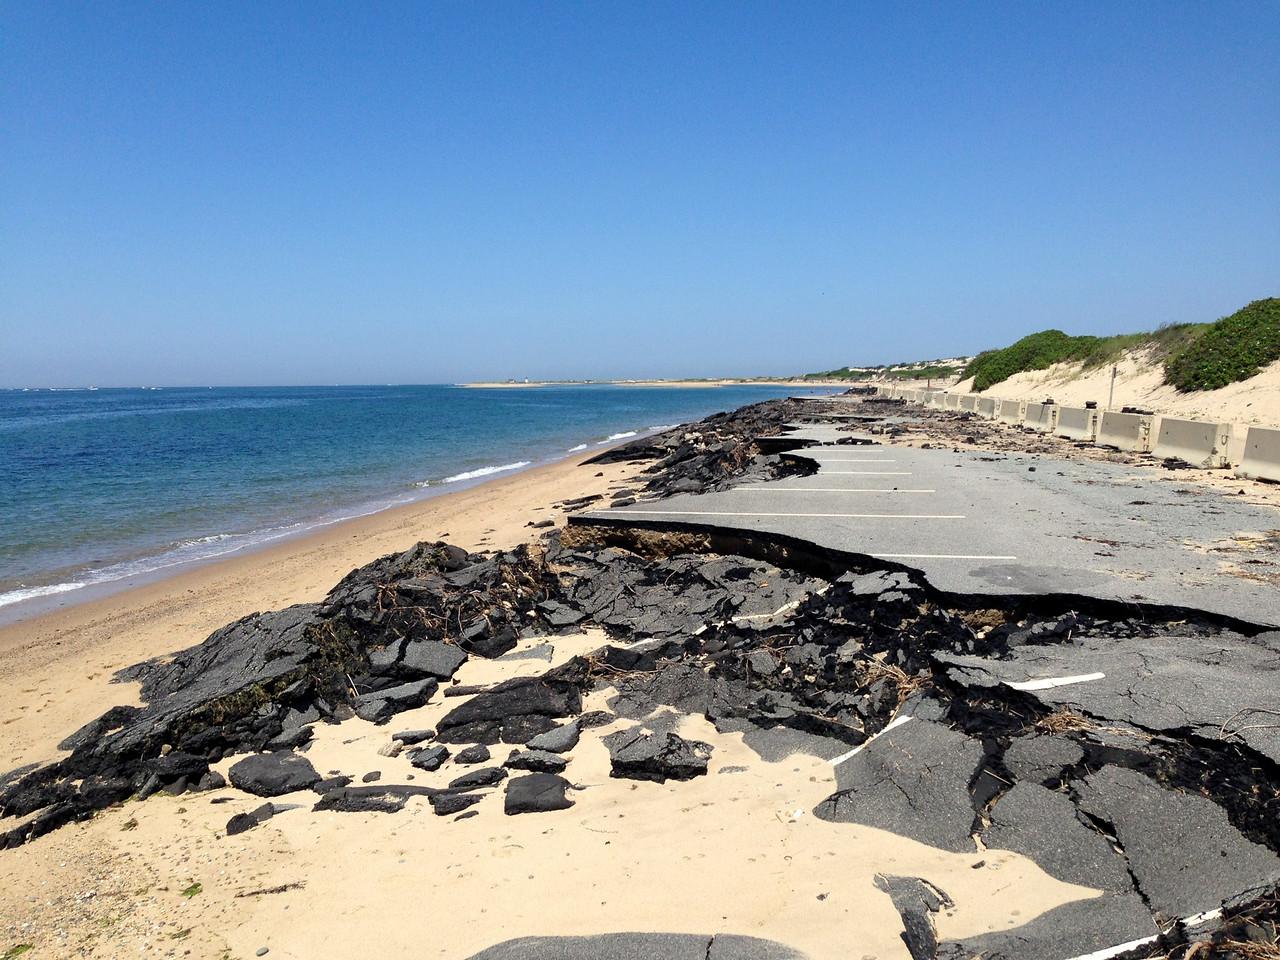 Storm Damage at Herring Cove